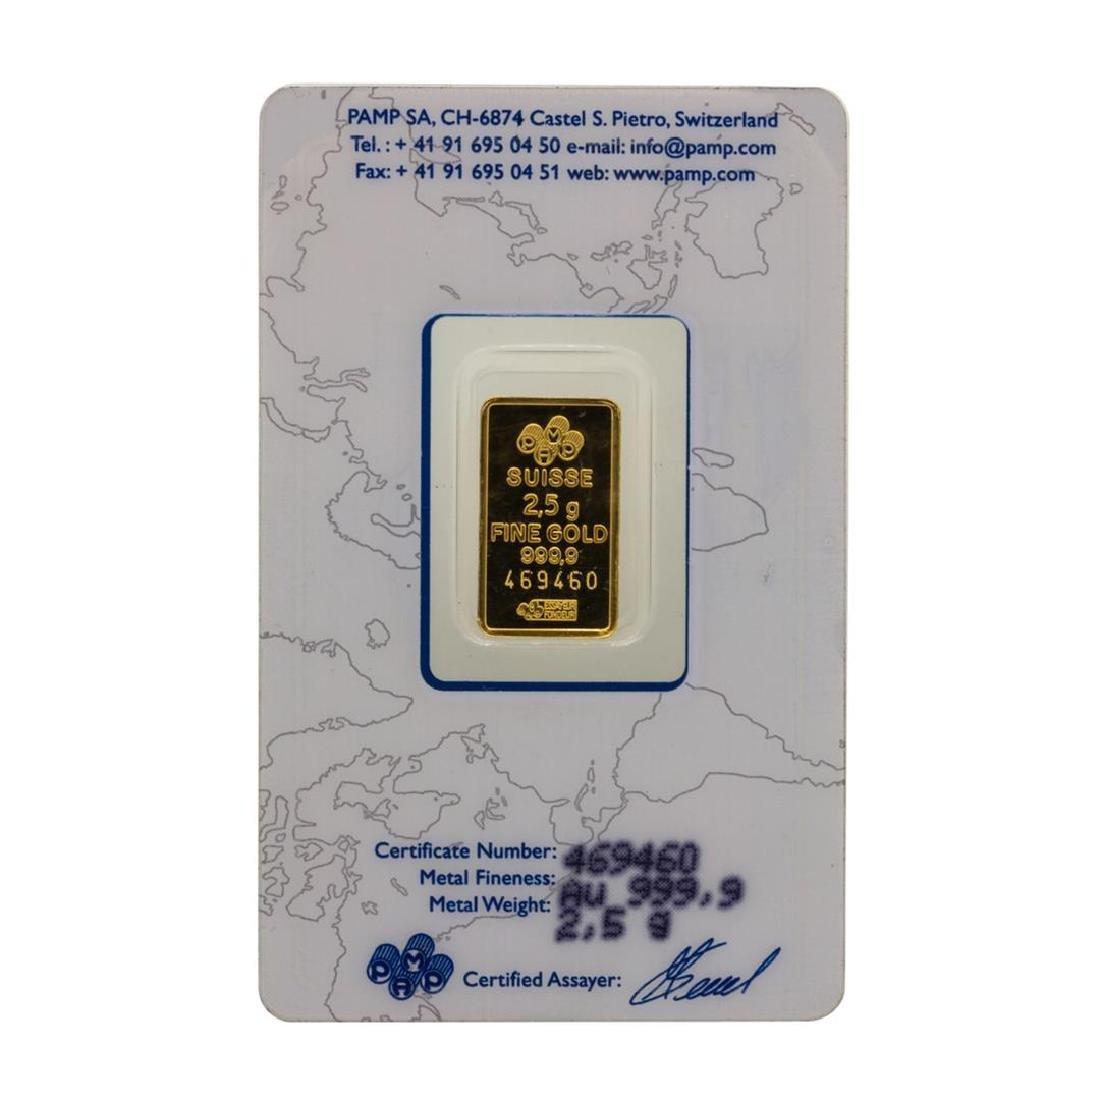 Suisse 2.5 Gram Fine Gold Pamp Gold Bar - 2